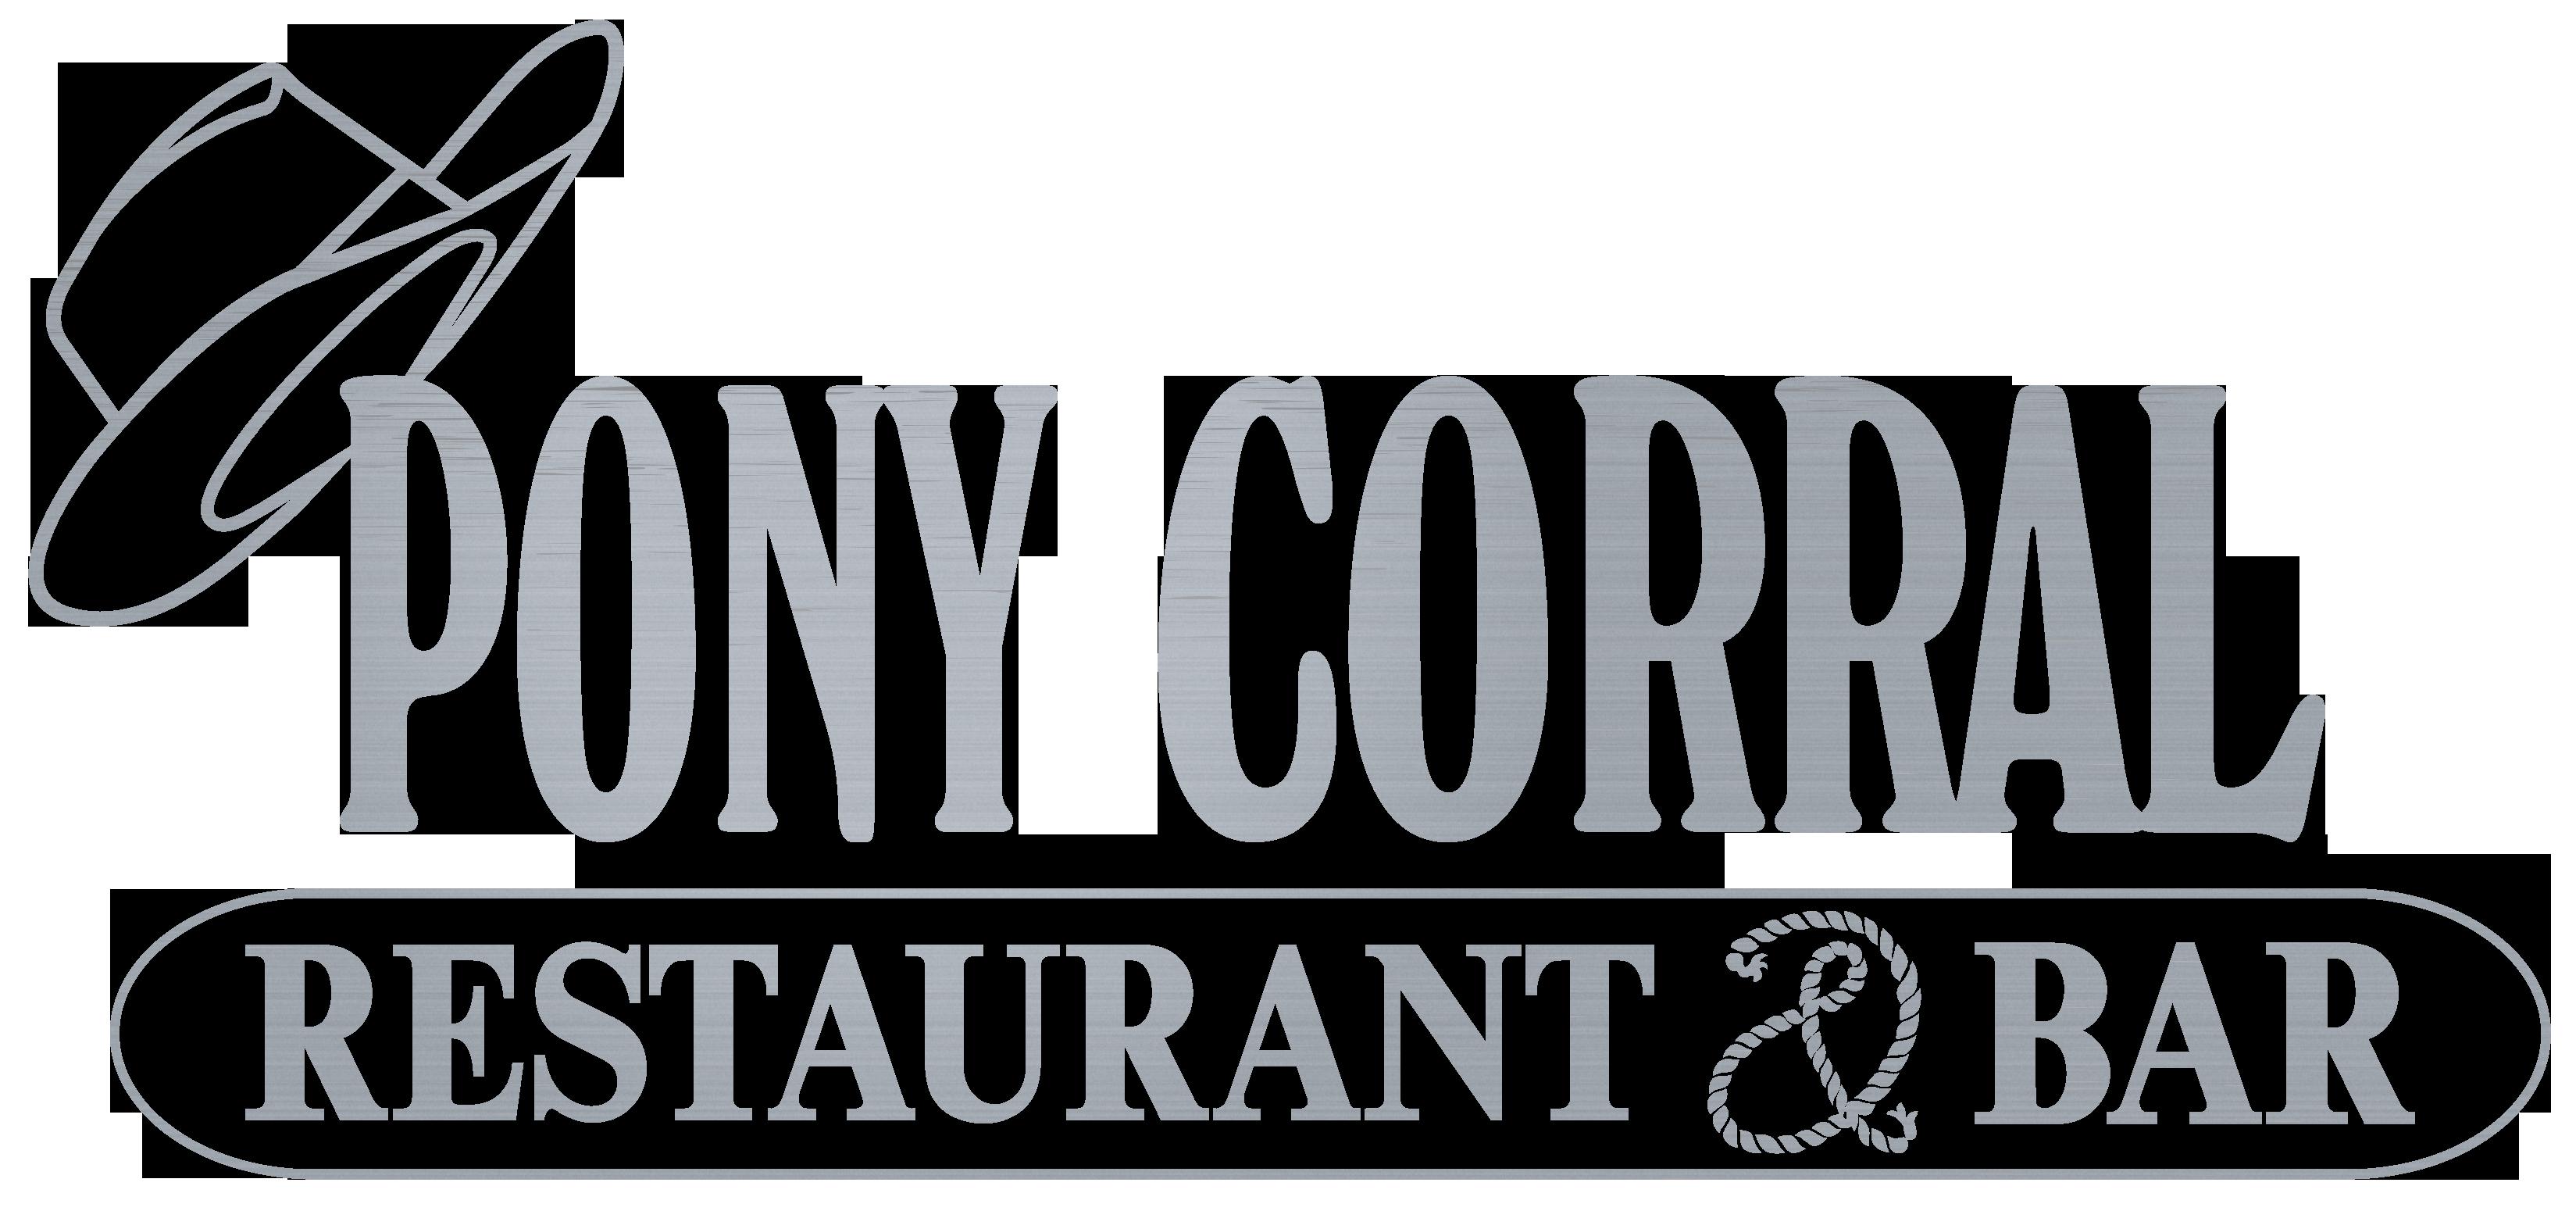 Metallic_PonyCorral_Logo